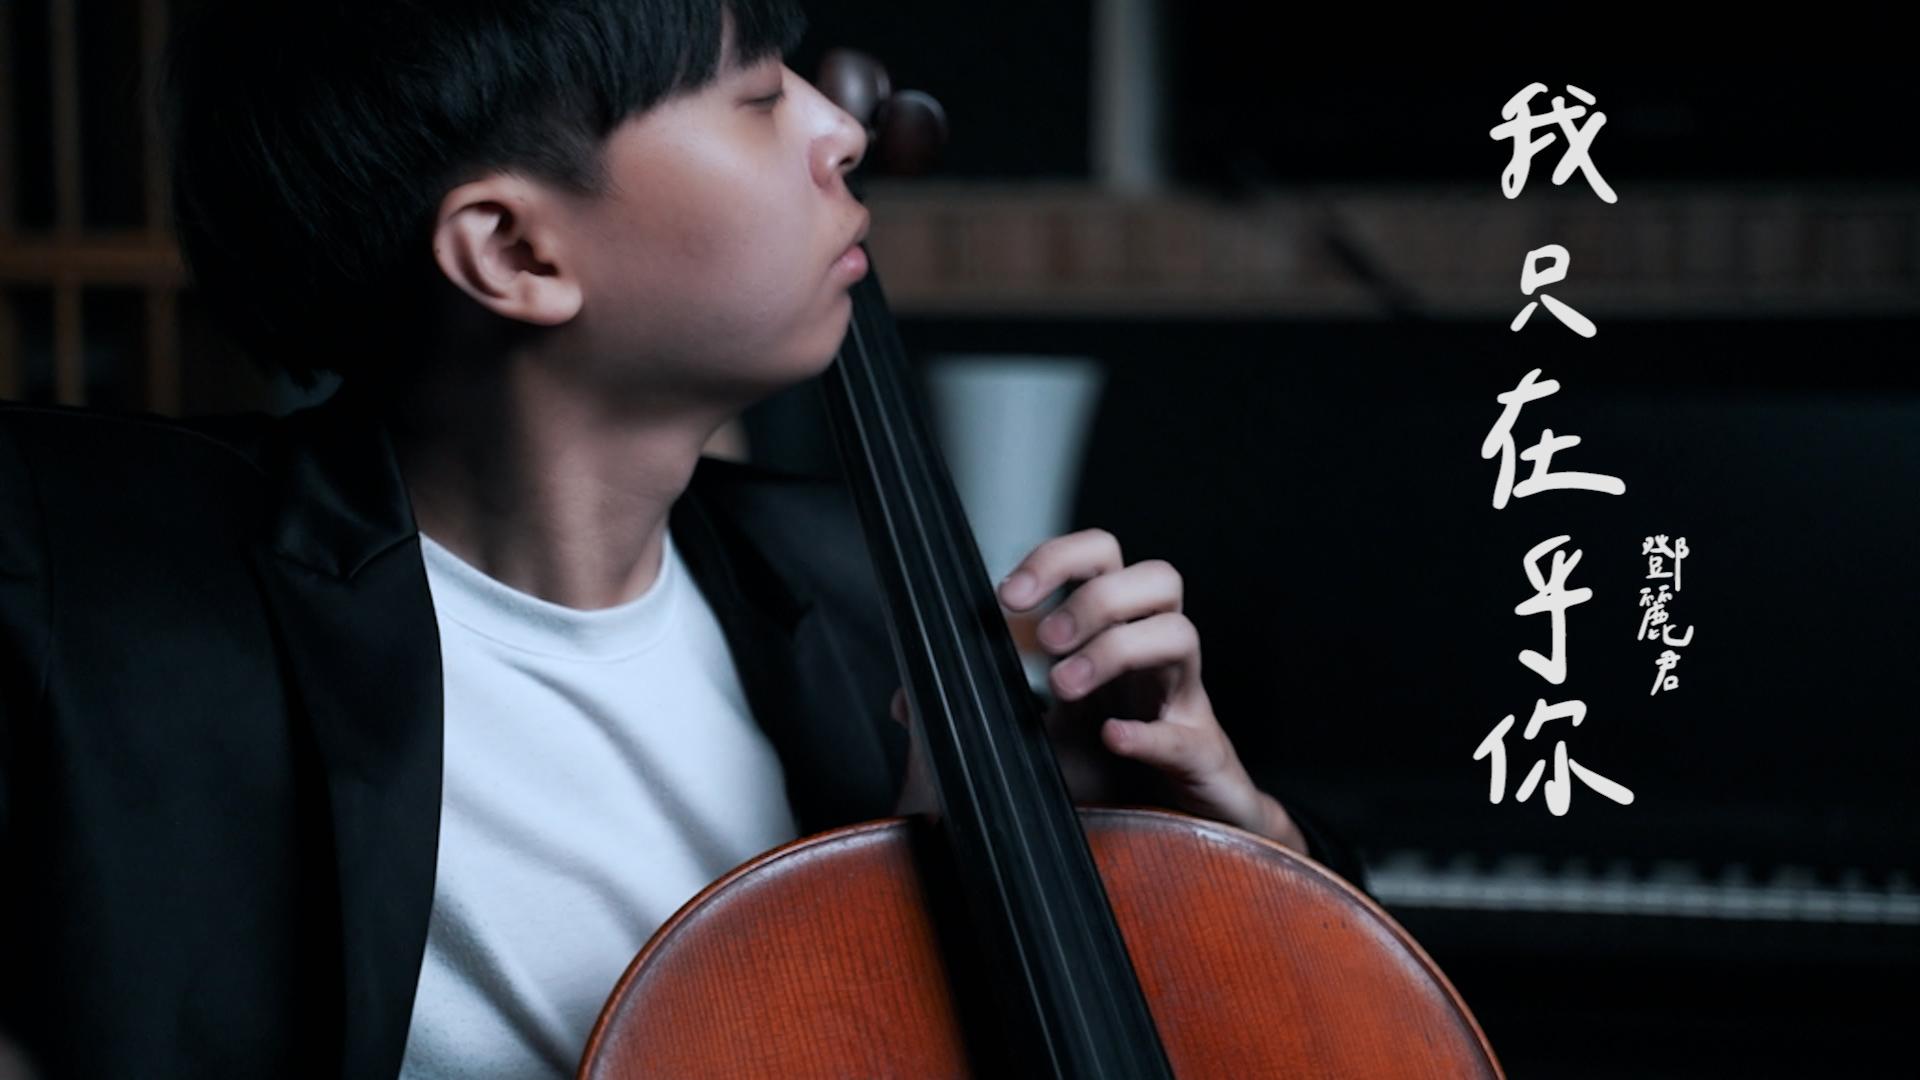 時の流れに身をまかせ -  I Only Care About You 《我只在乎你》鄧麗君 - 大提琴演奏 Cello cover『cover by YoYo Cello』